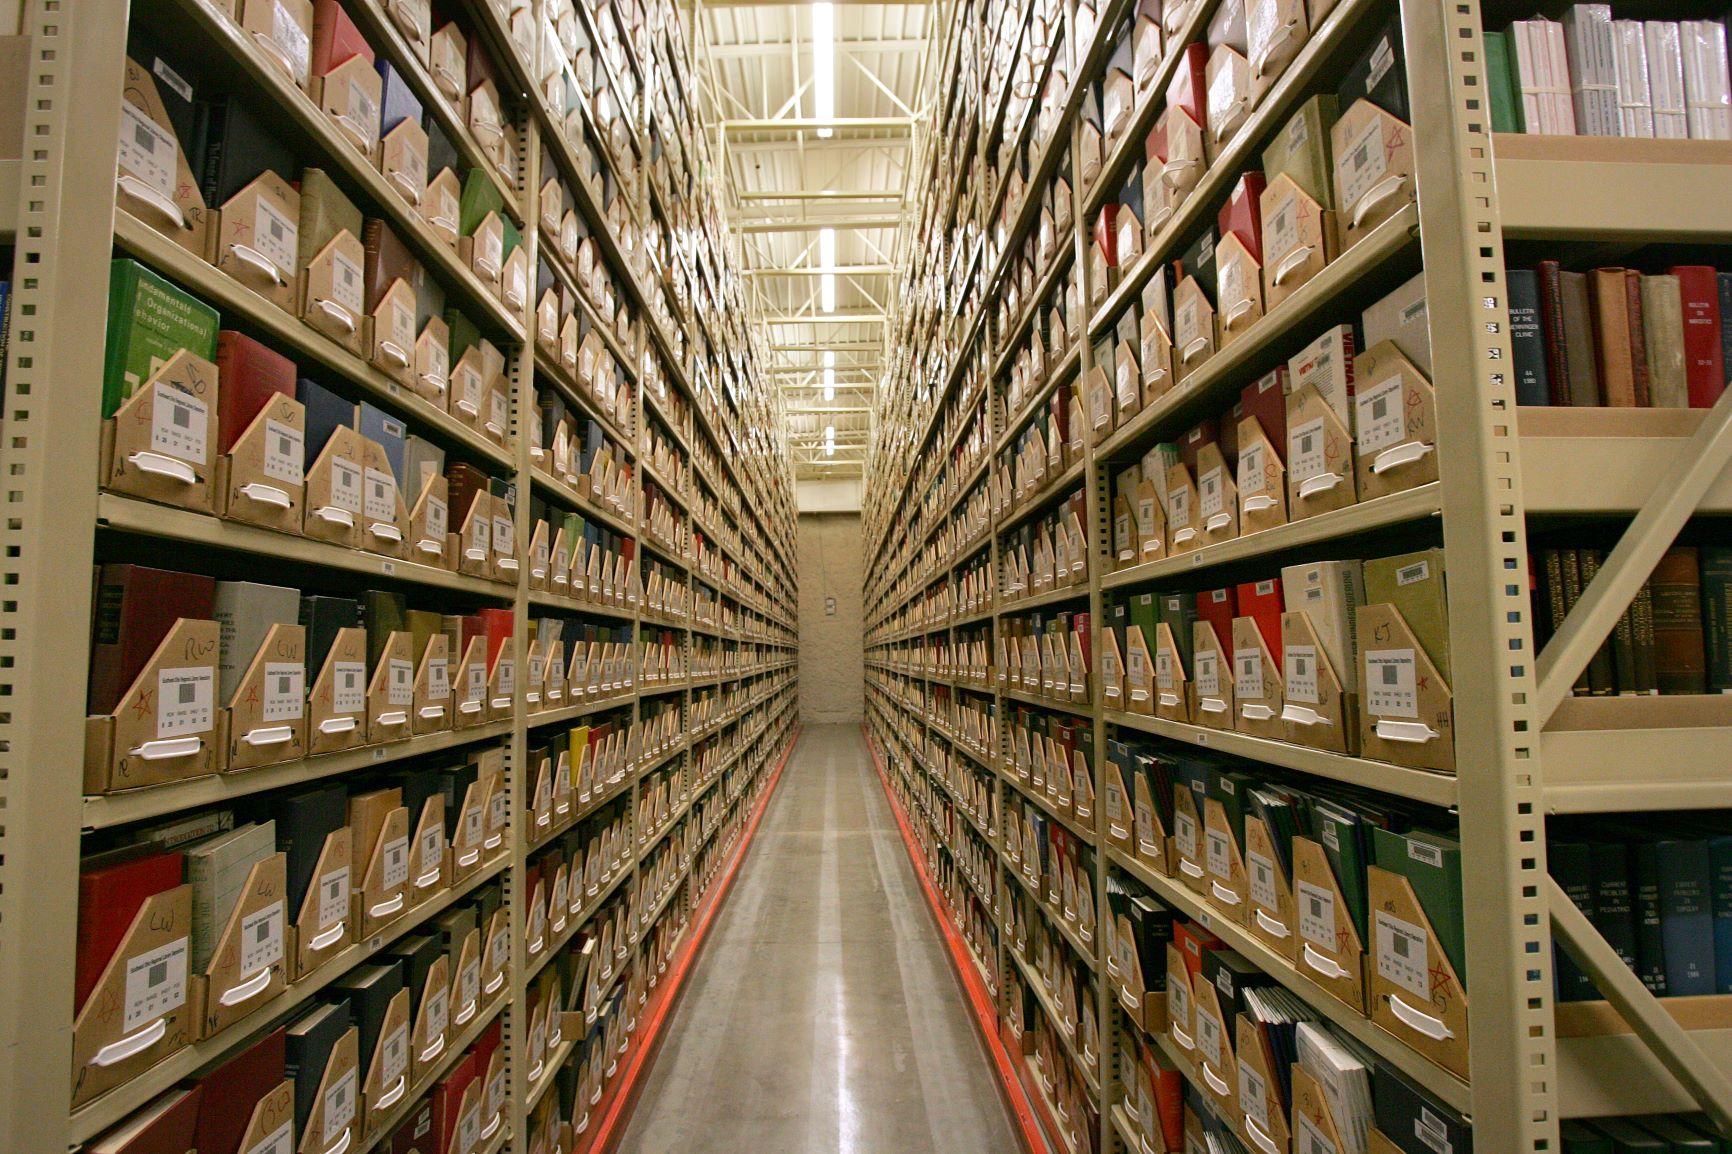 High Density Storage, Library Annex